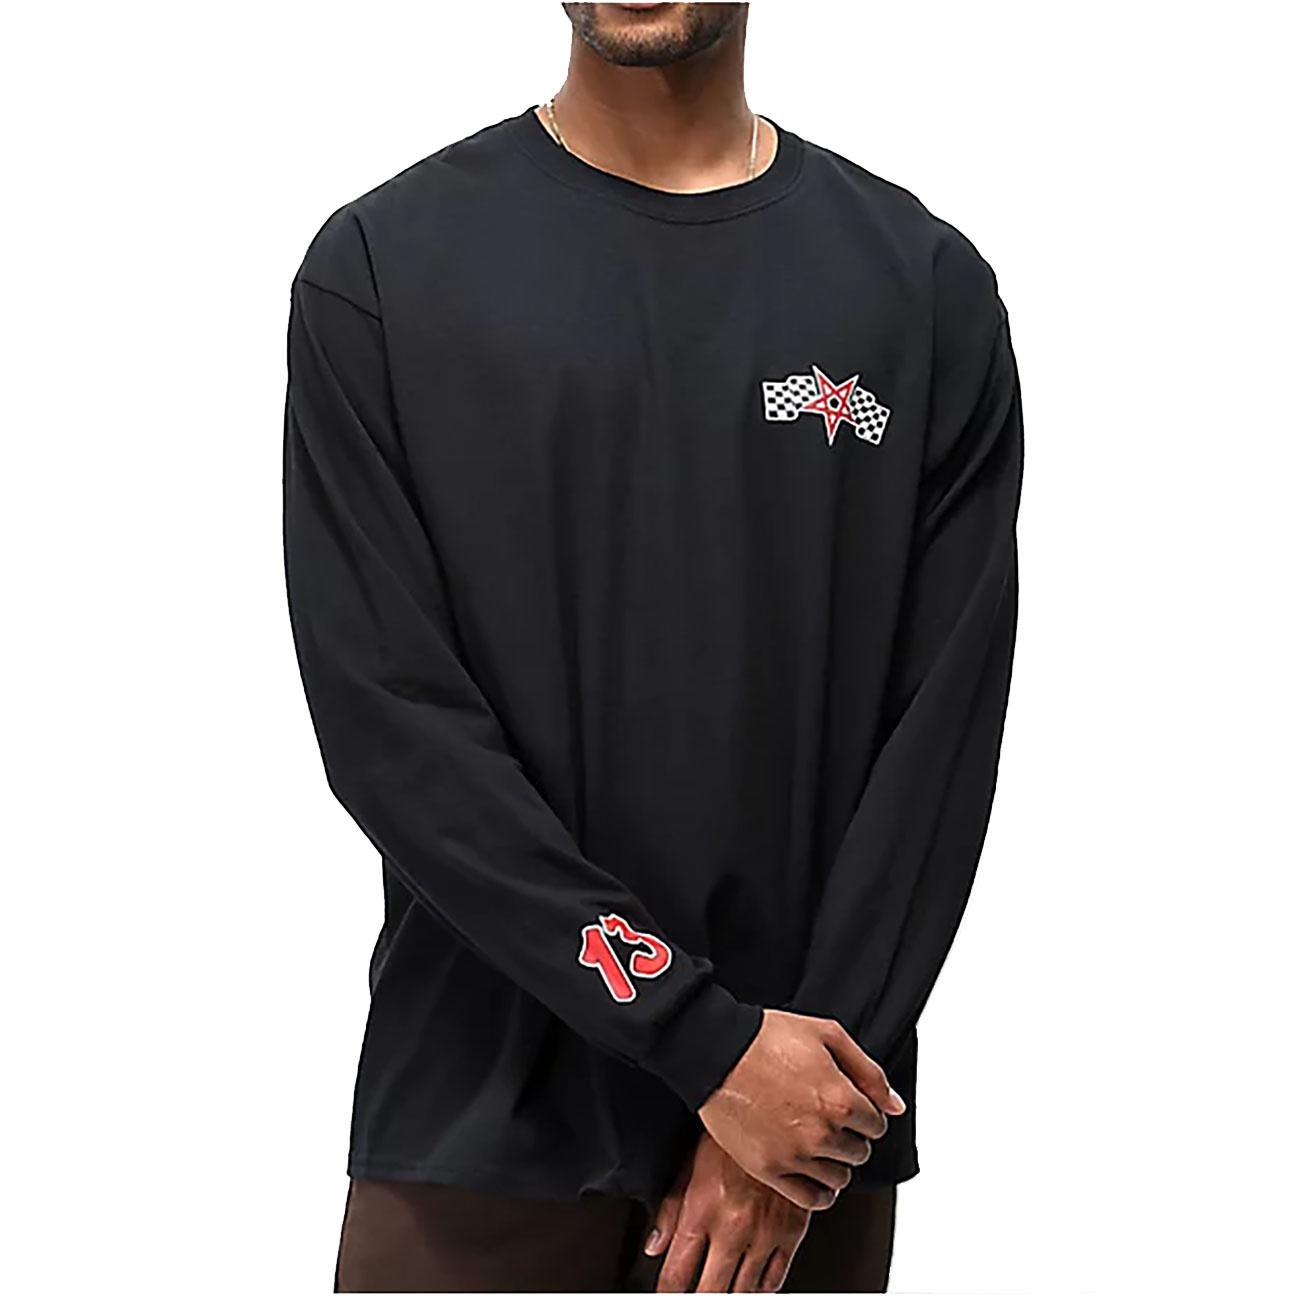 Racing Long-sleeve, Black/Red-4